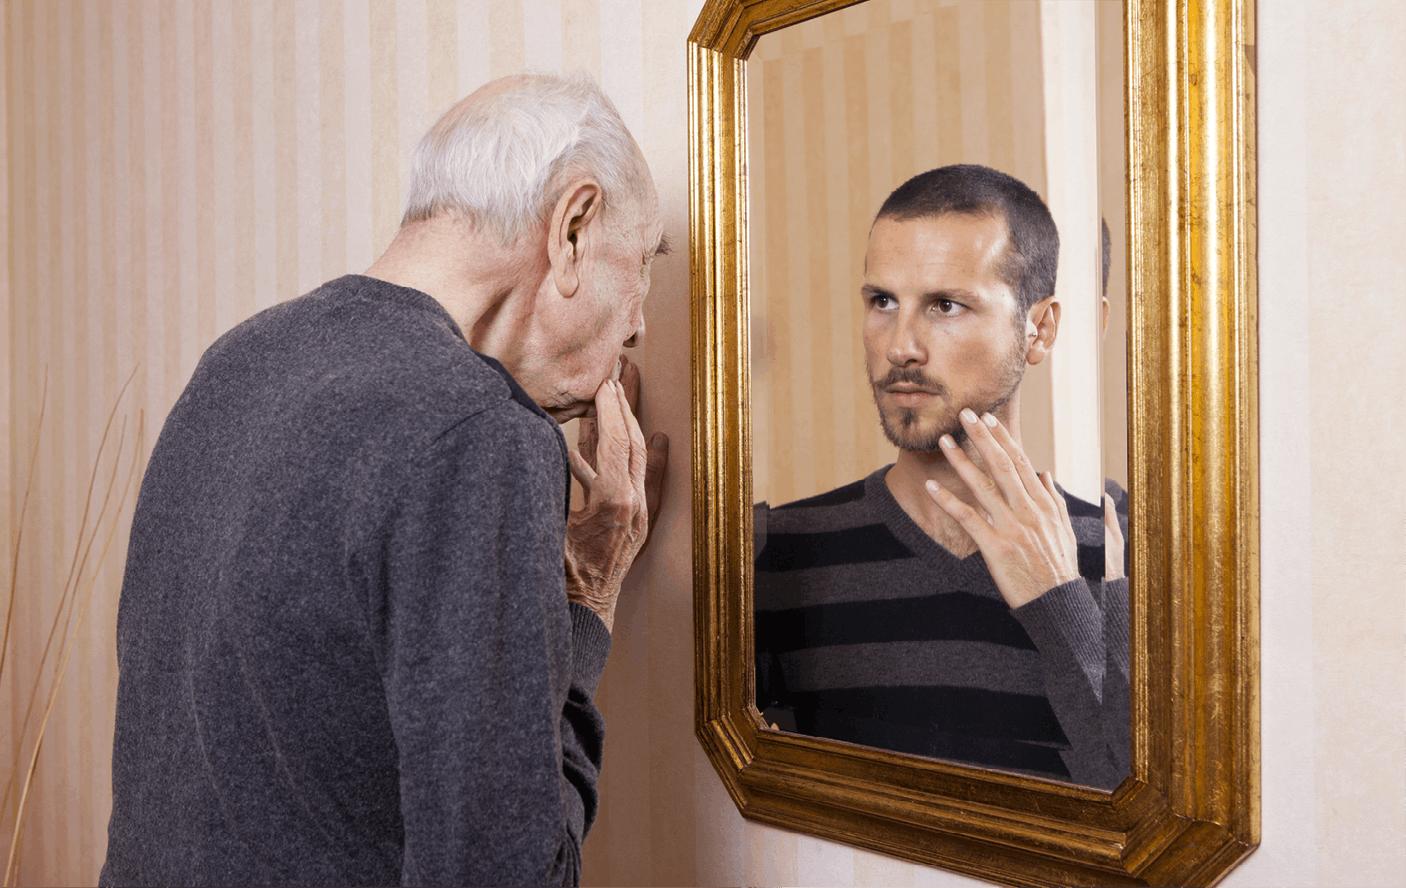 Homme âgé se regardant plus jeune dans le miroir